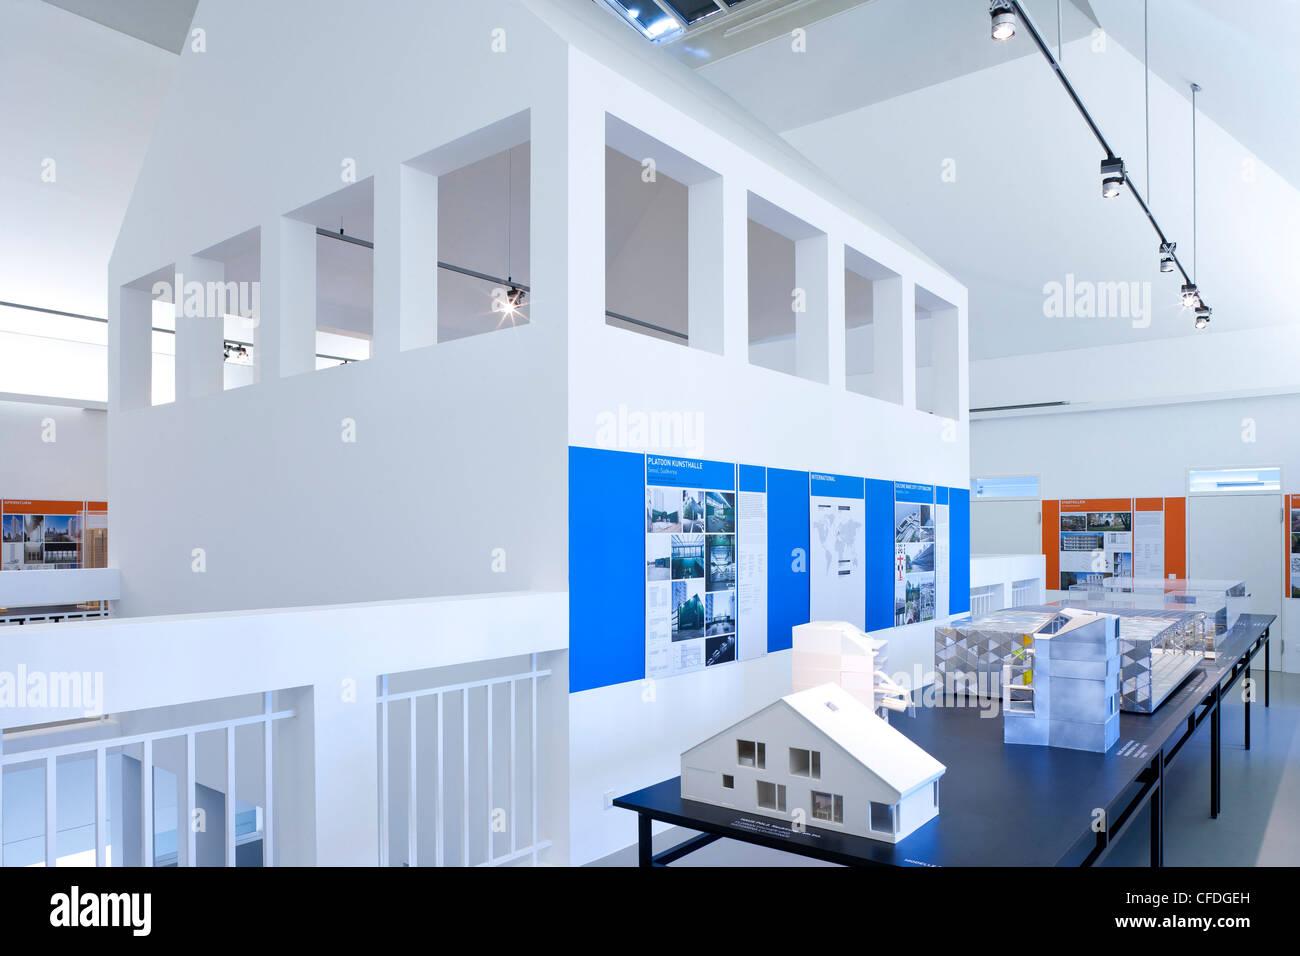 Deutsches architekturmuseum architekt o m ungers - Architekt essen ...